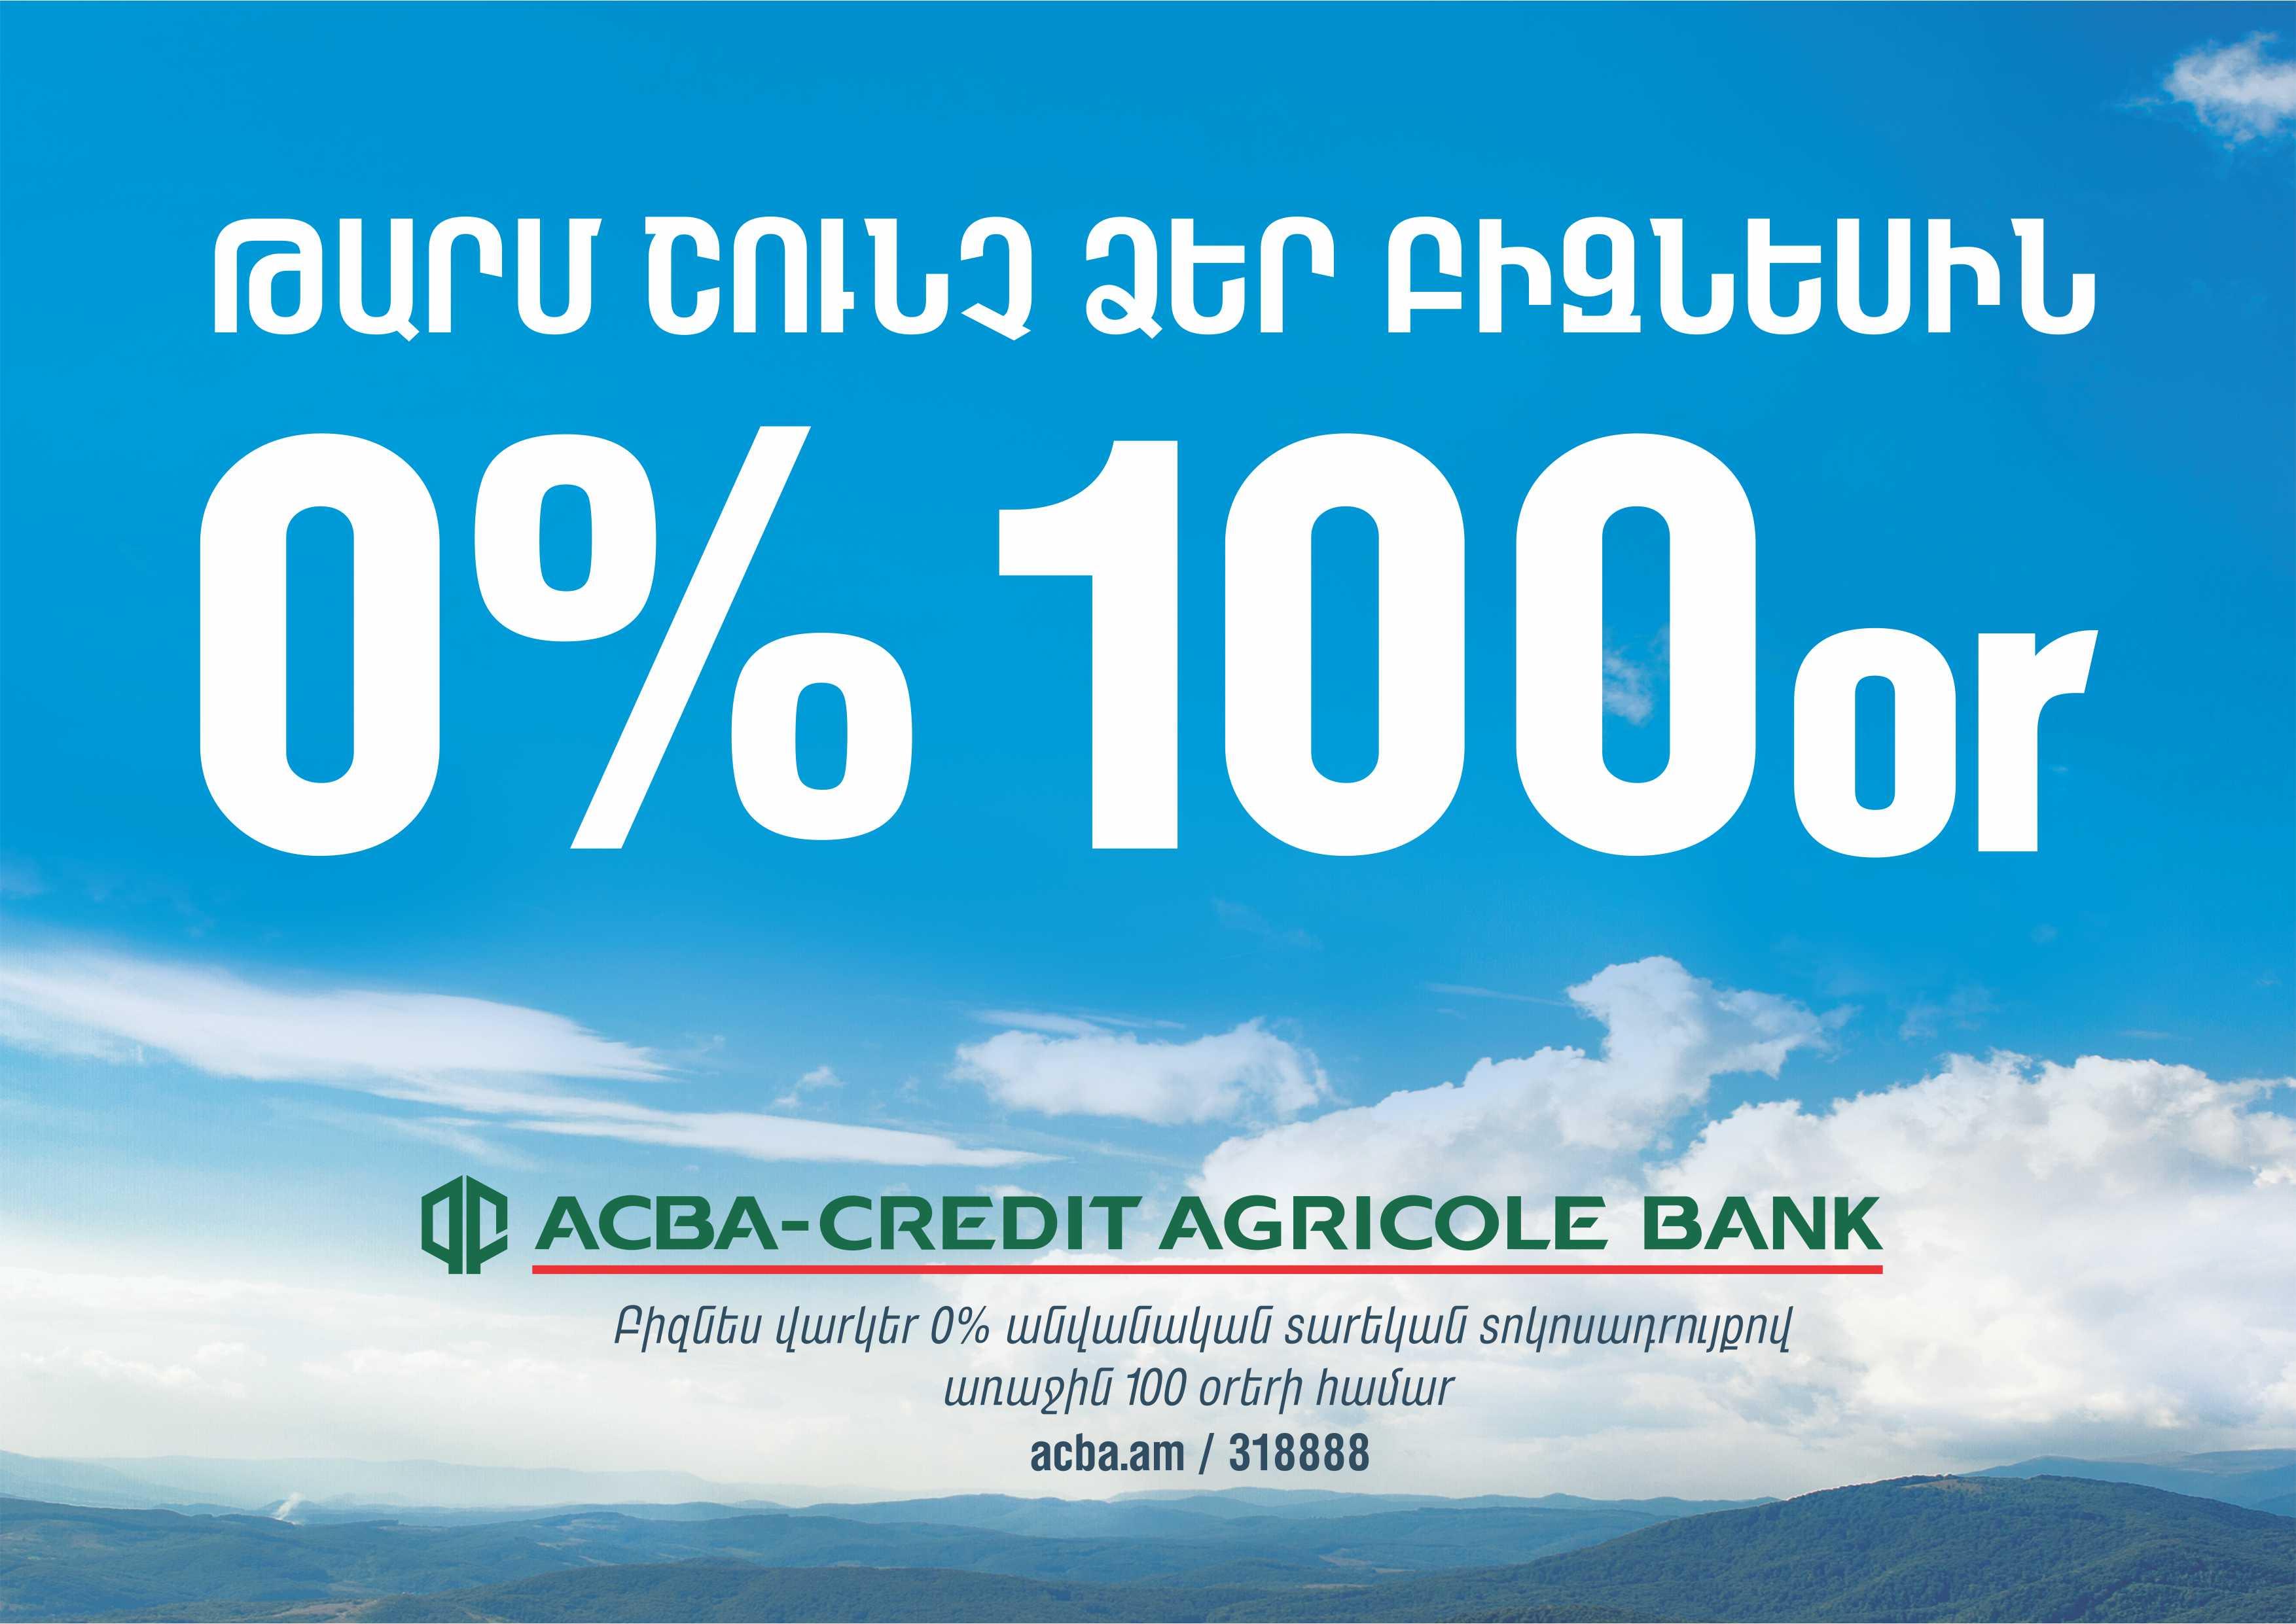 ԱԿԲԱ-ԿՐԵԴԻՏ ԱԳՐԻԿՈԼ ԲԱՆԿ. Բիզնեսը 100 օրվա ընթացքում ազատված կլինի վարկային տոկոսադրույքներից